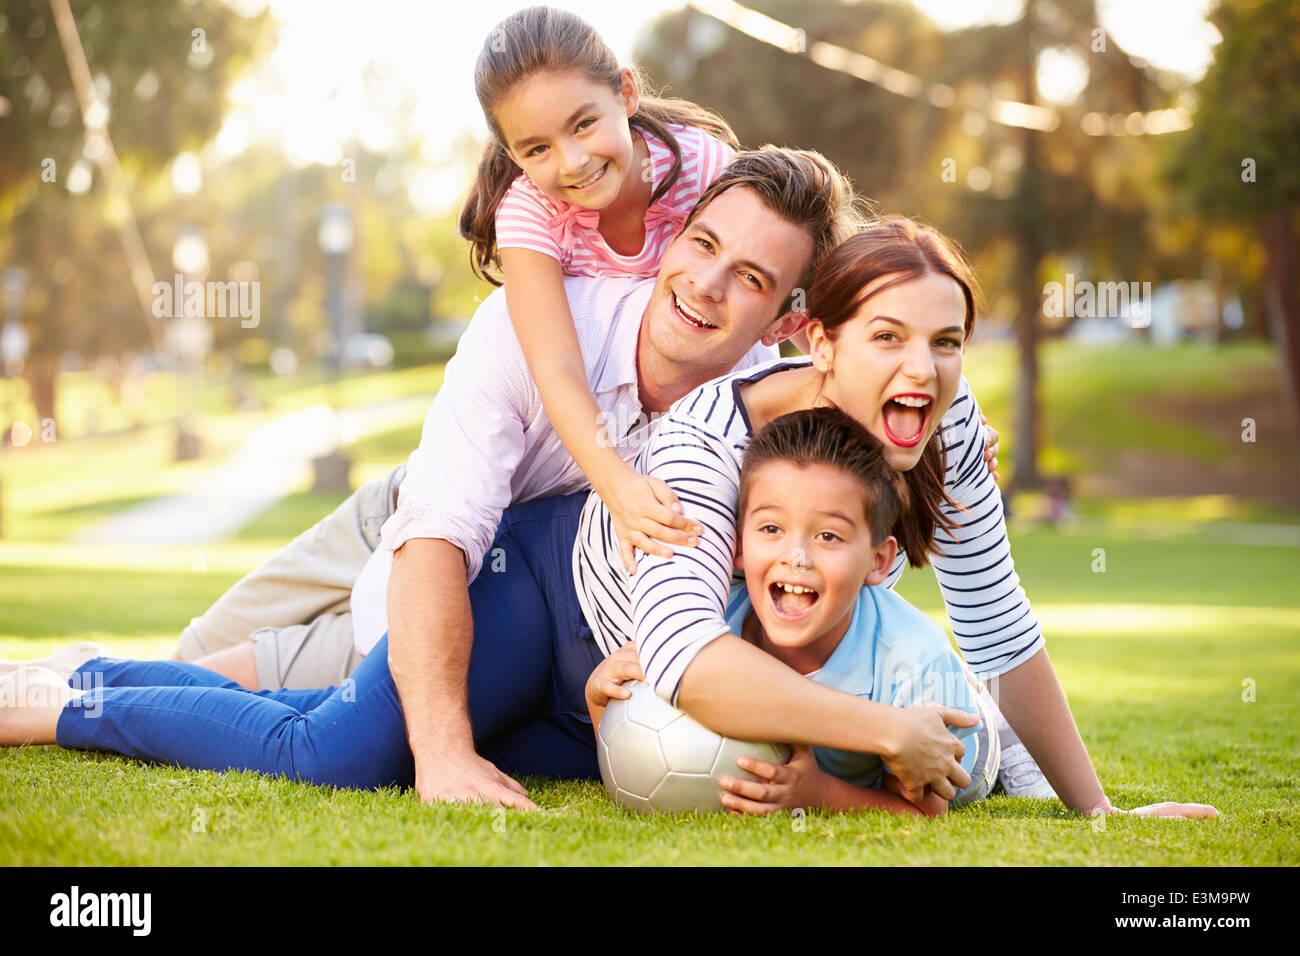 Familia tumbado sobre la hierba en el parque Imagen De Stock